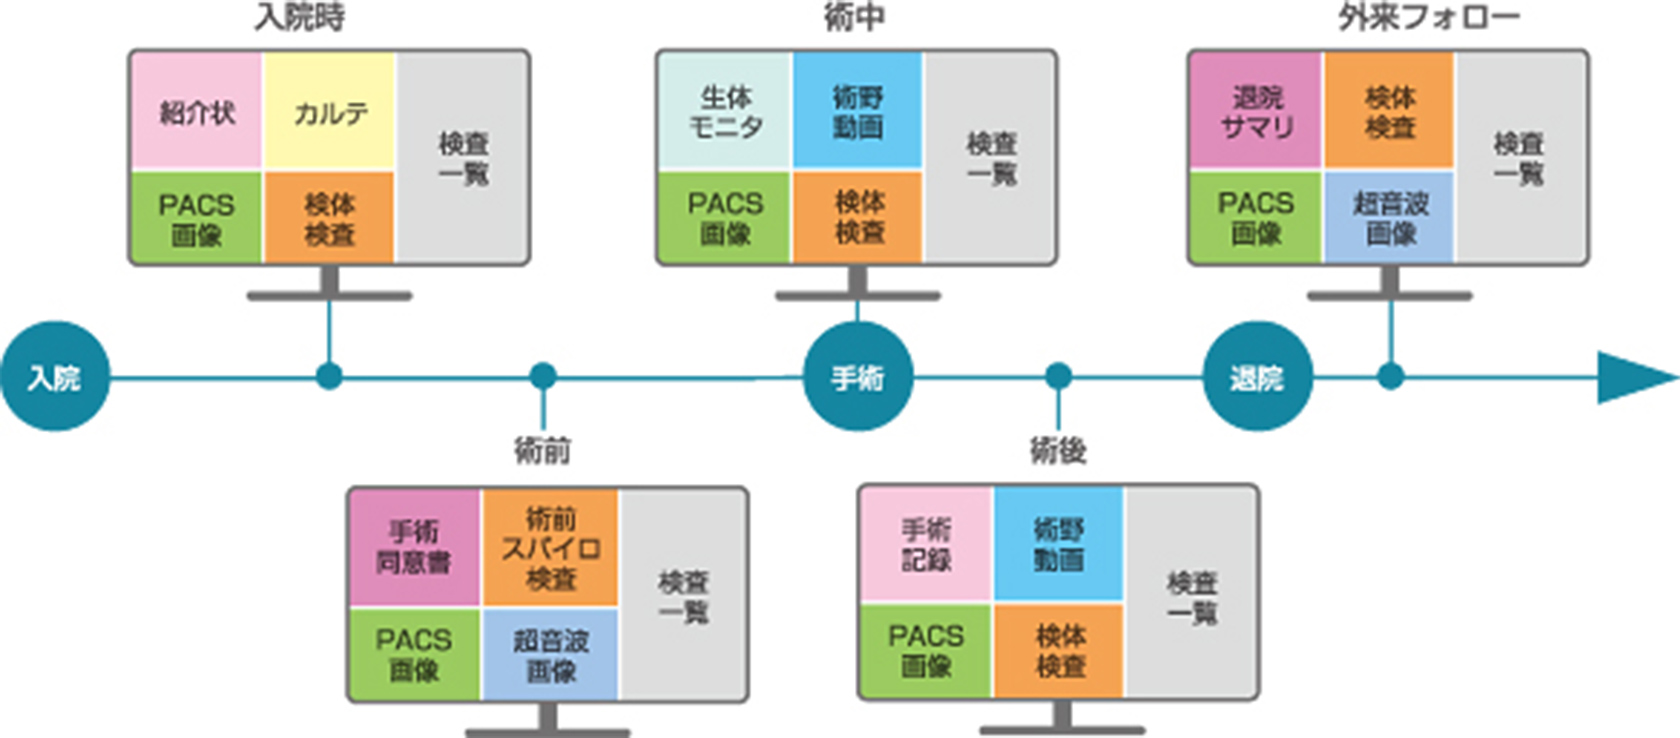 診療プロセスに応じた画面設定例の図